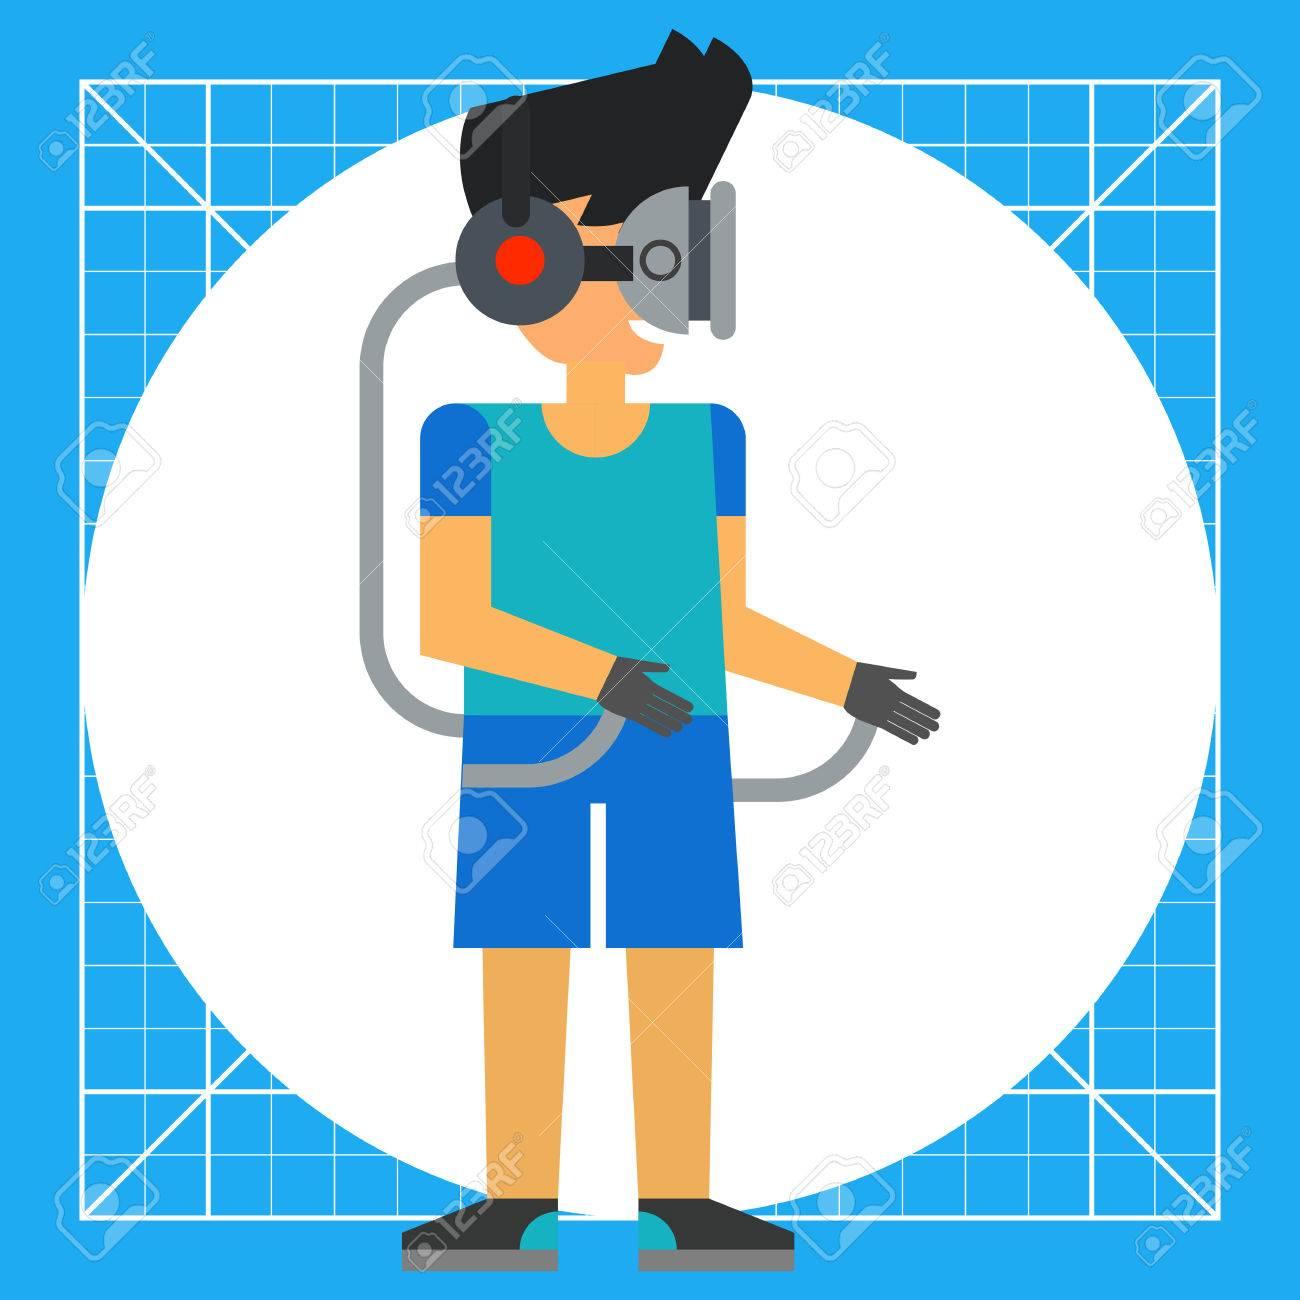 2b489b205d5 Jeune Homme Portant Des Lunettes Virtuelles Connectées Aux Gants. Simulation